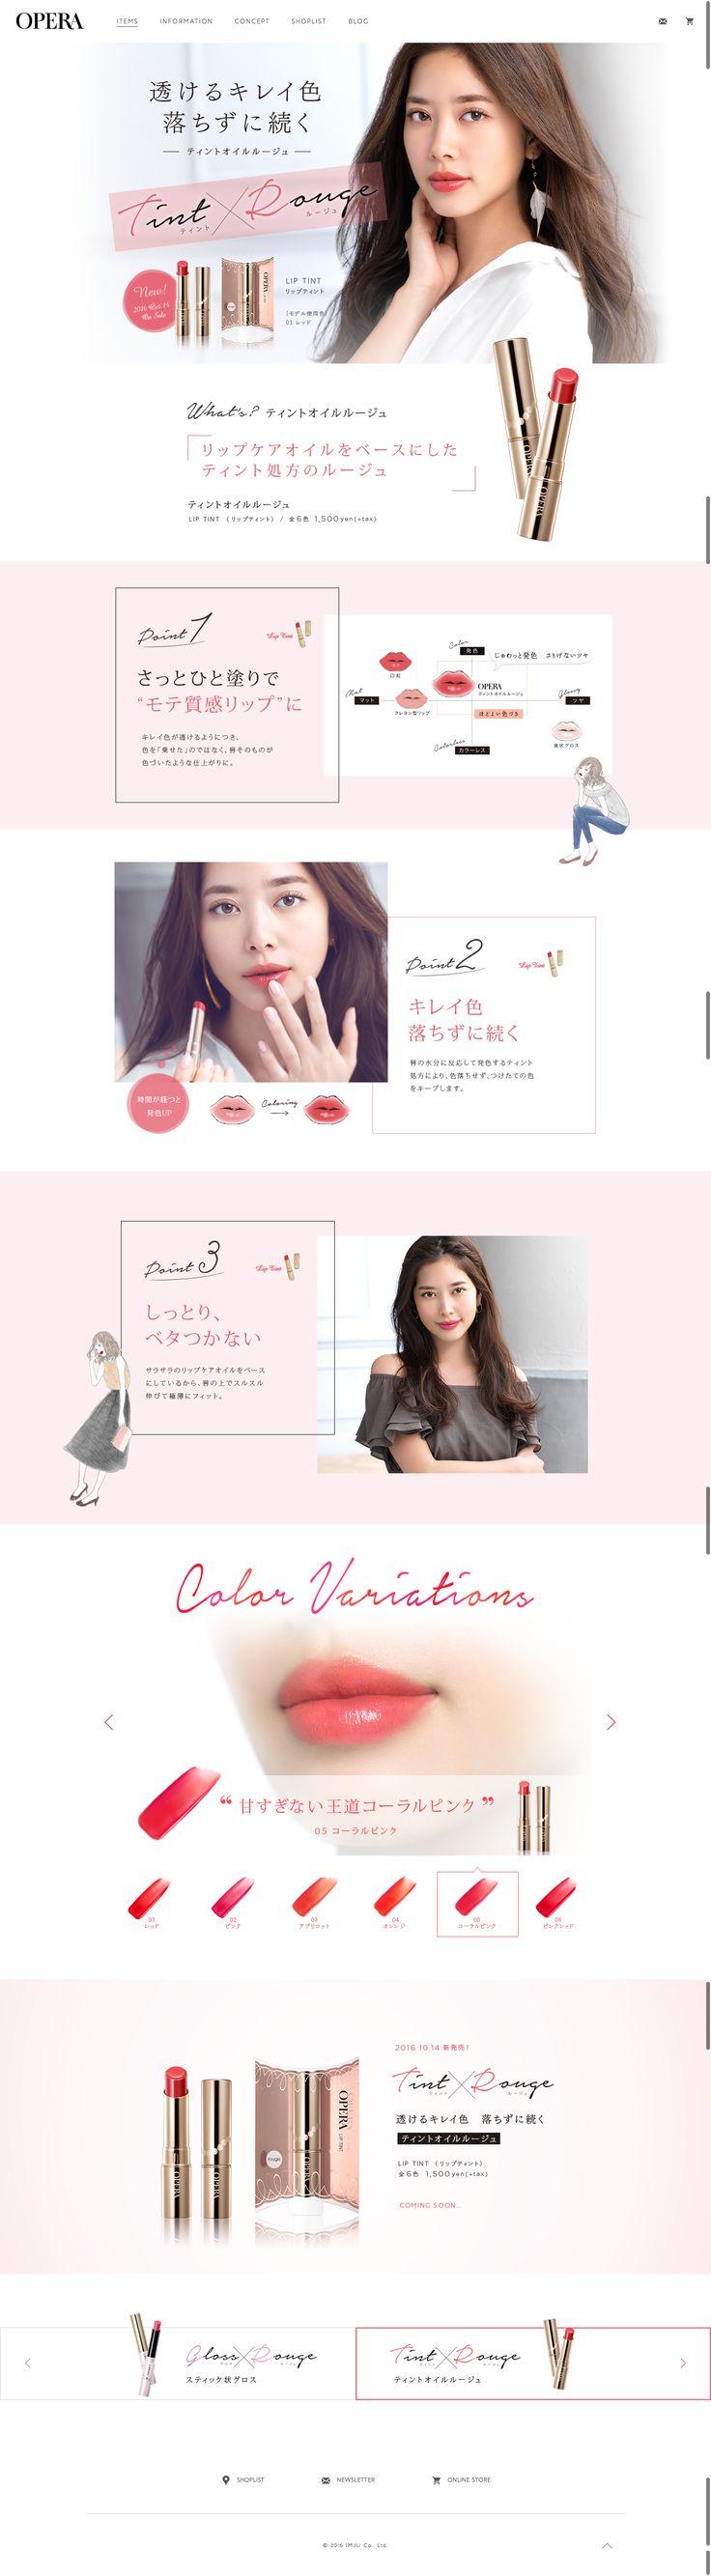 website girl